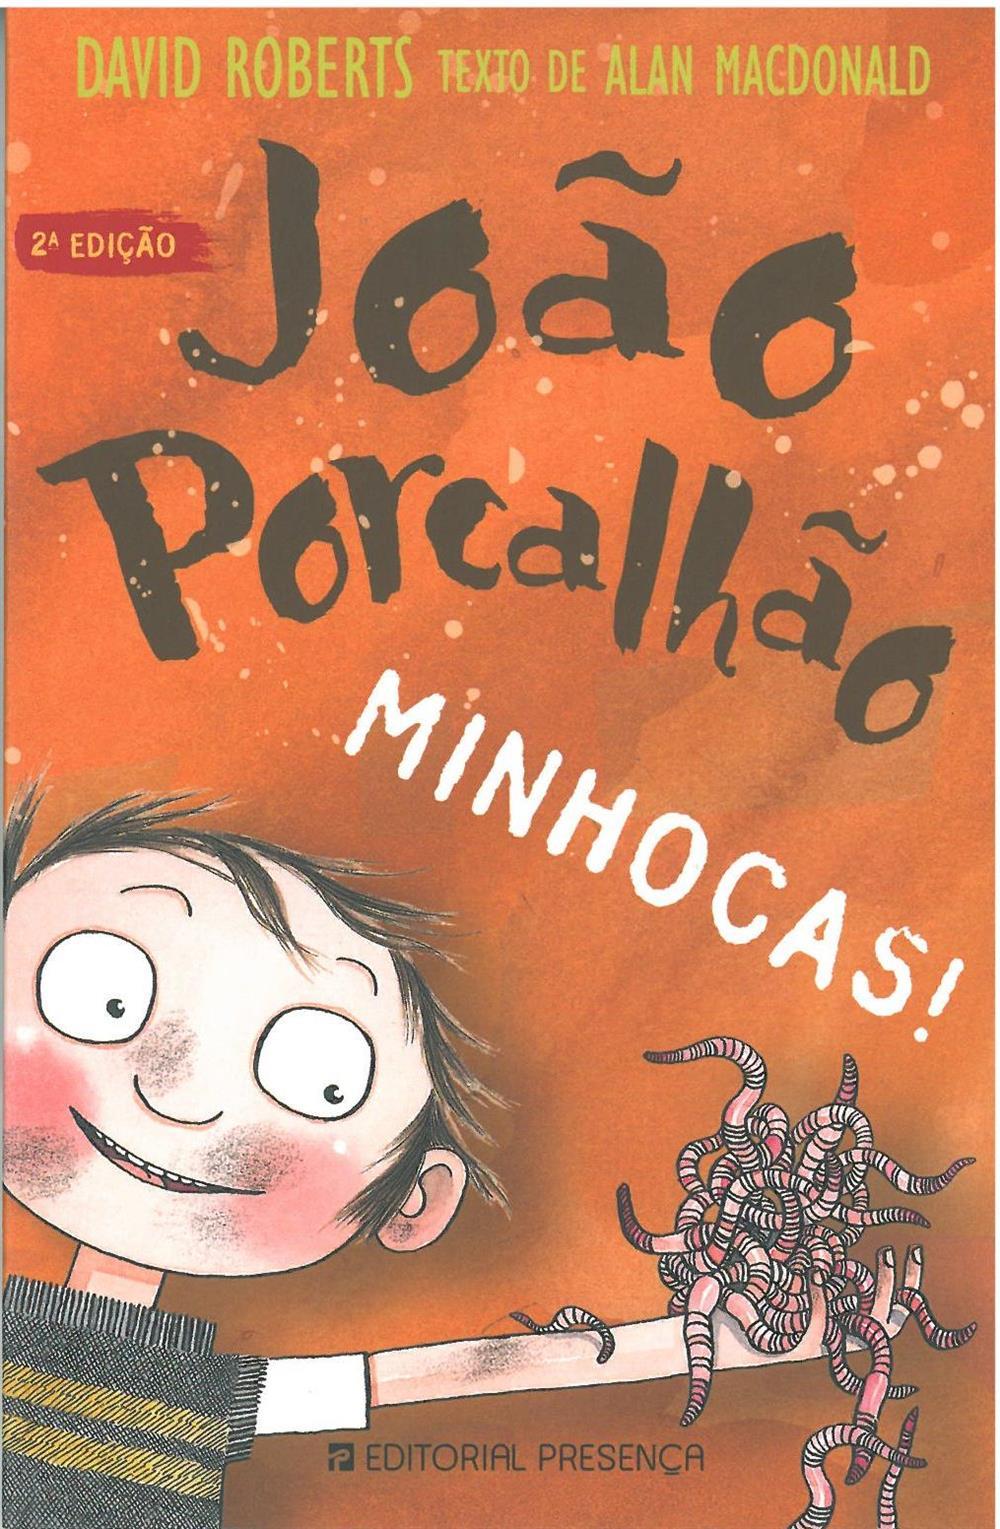 João Porcalhão_1.jpg